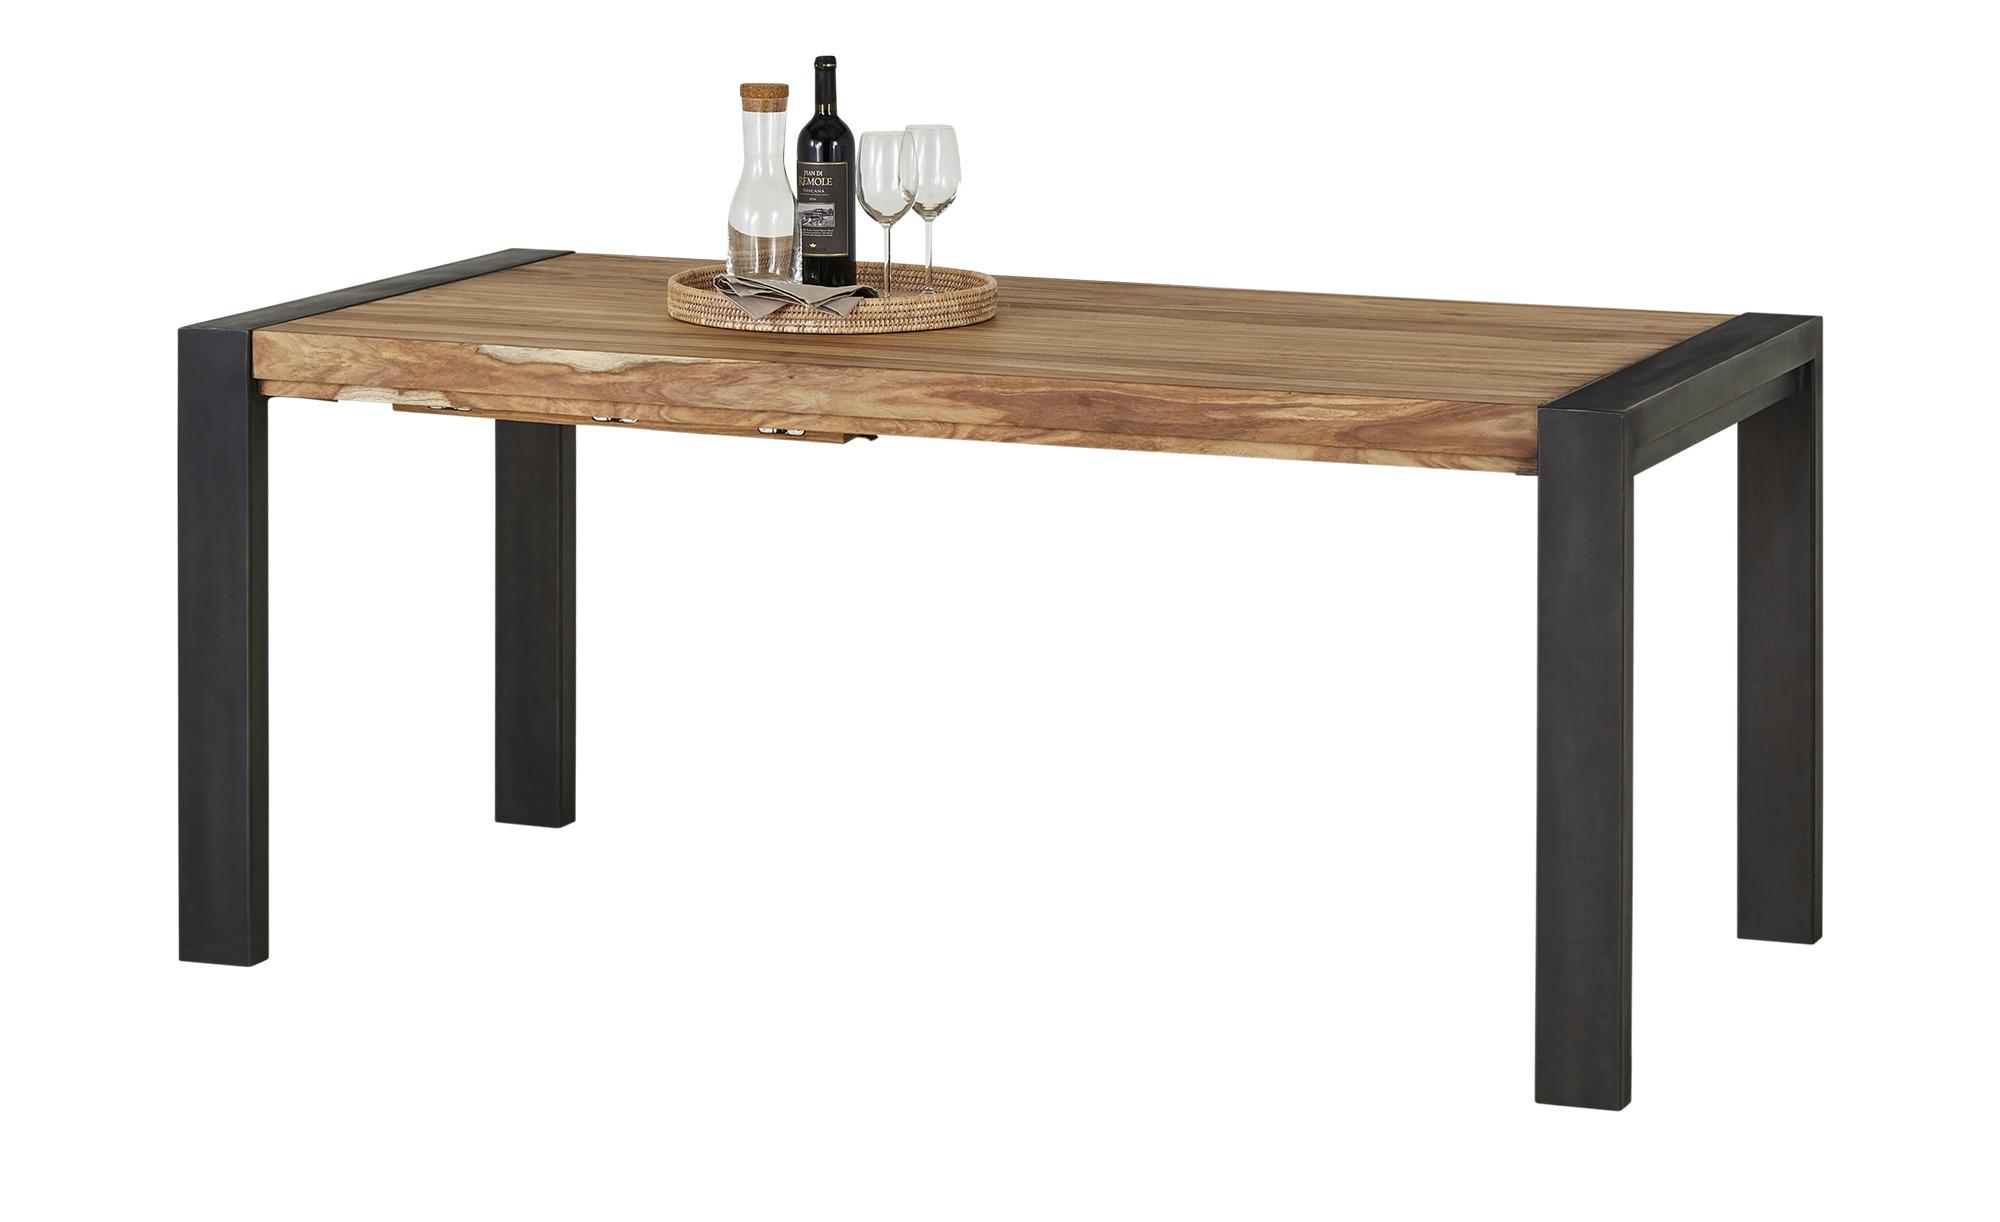 Weiss Esstisch Tisch Mit Bank Und Stuhlen Tisch Massiv Eiche